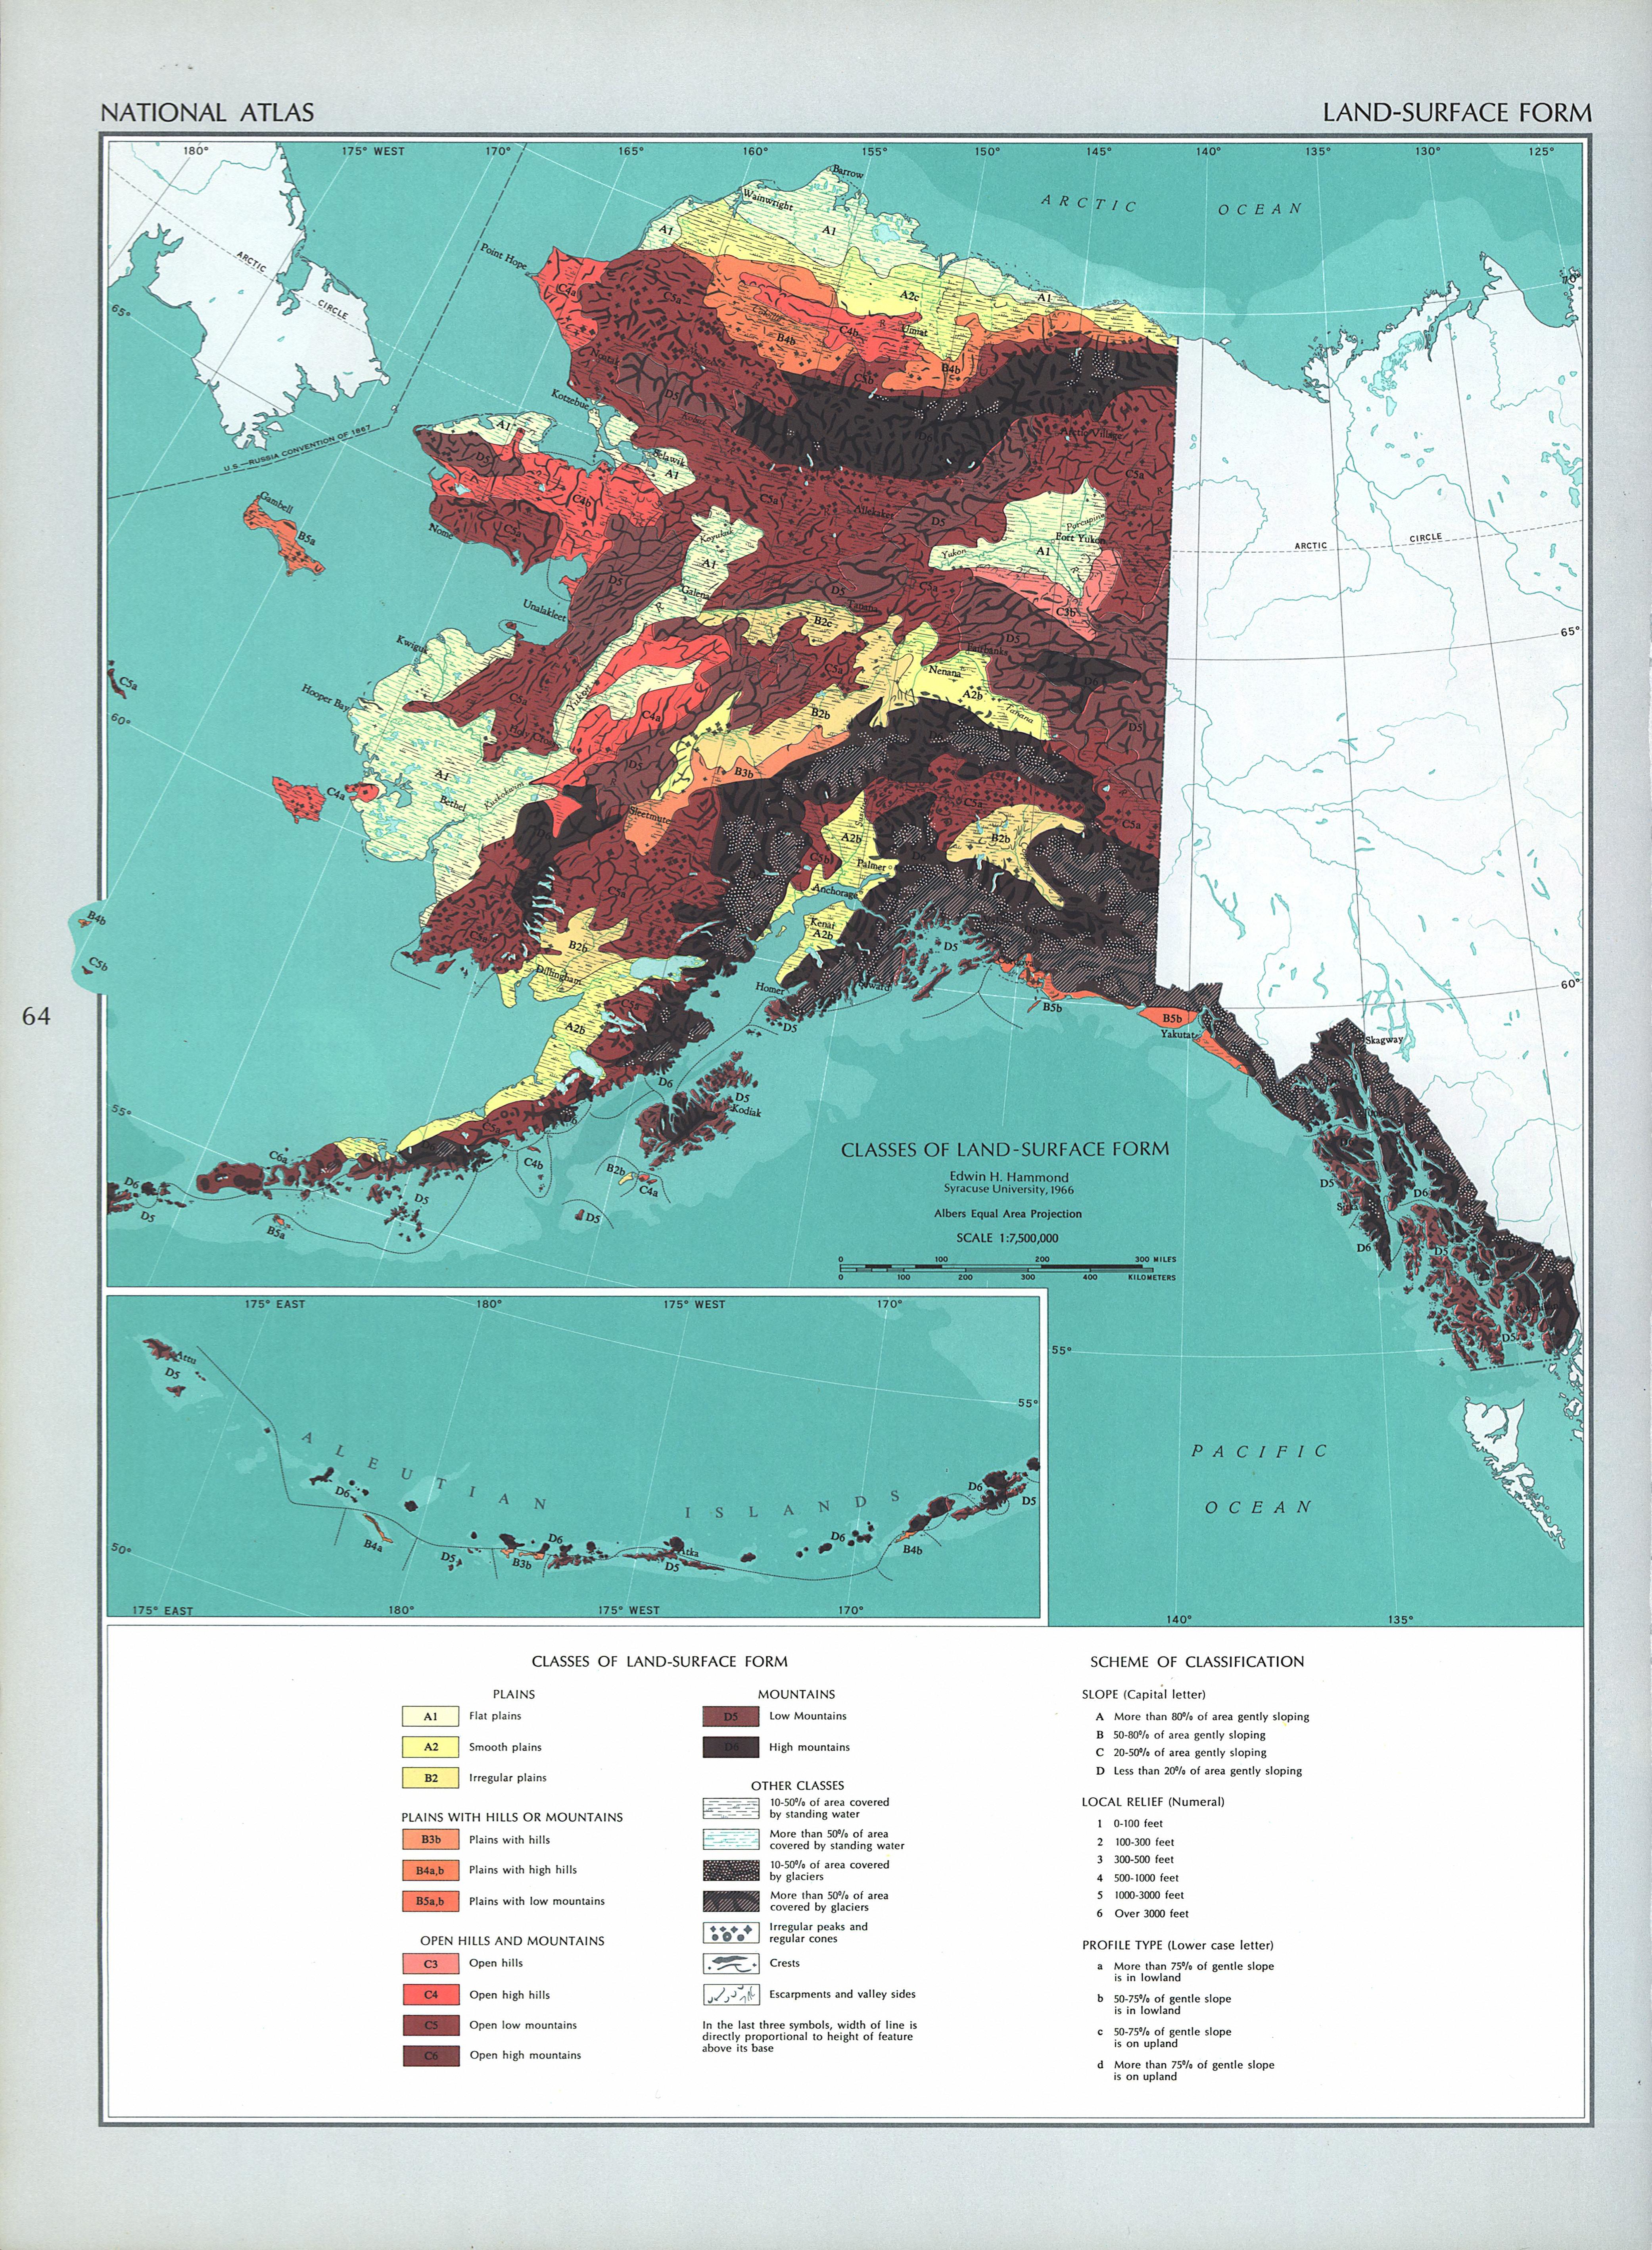 Mapa de los Accidentes Geográficos (Tipos de Accidentes Geográficos de Alaska y Hawái), Estados Unidos